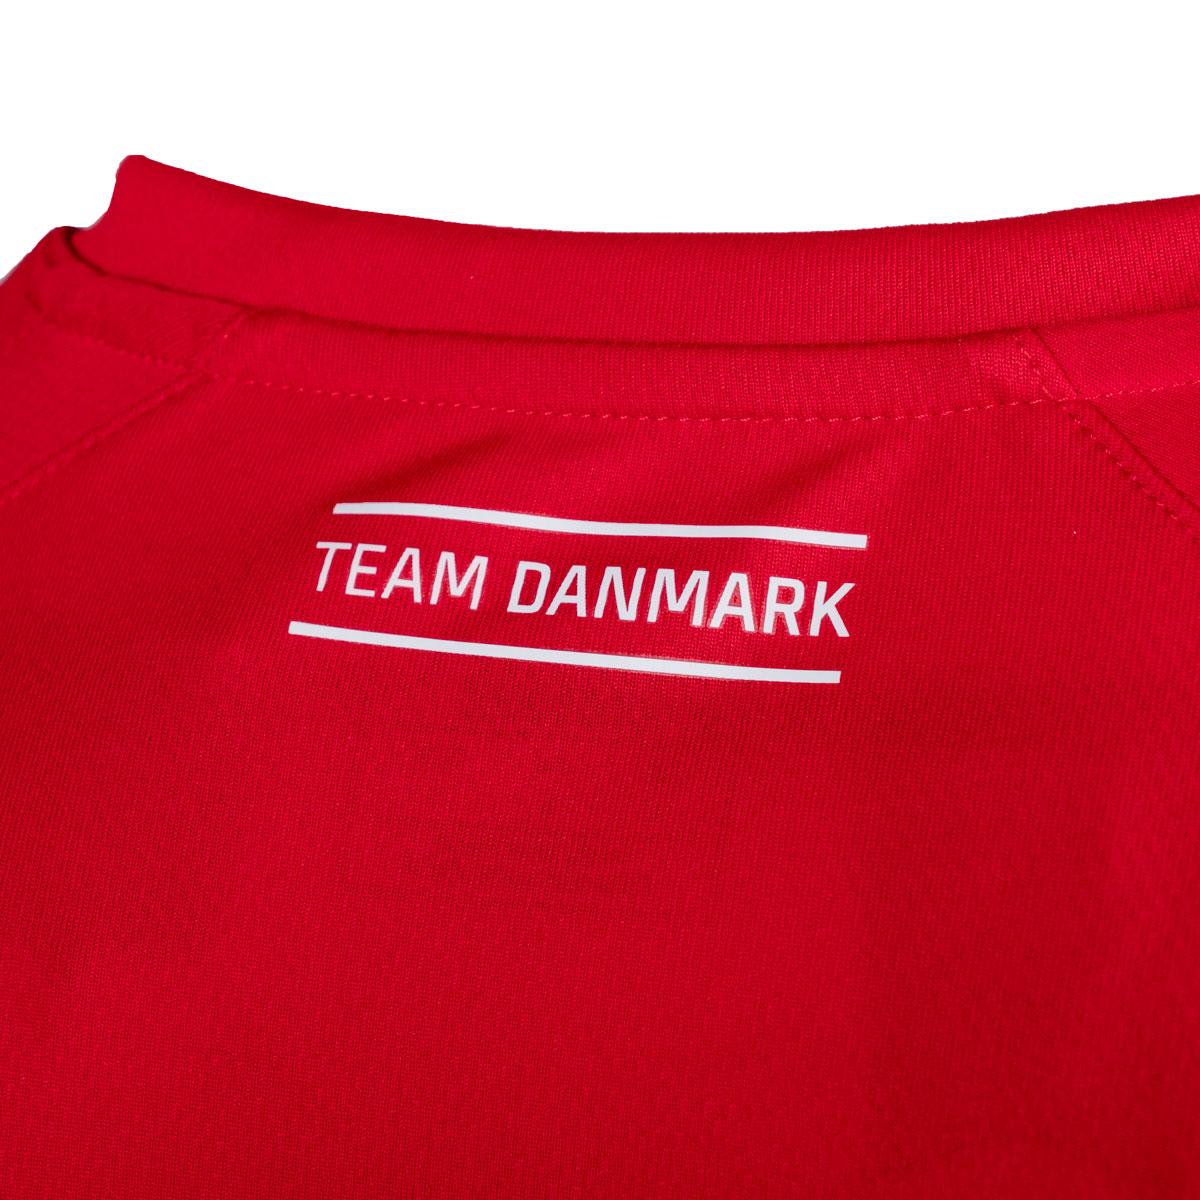 Puma Danmark Håndbold Landsholdstrøje Voksen